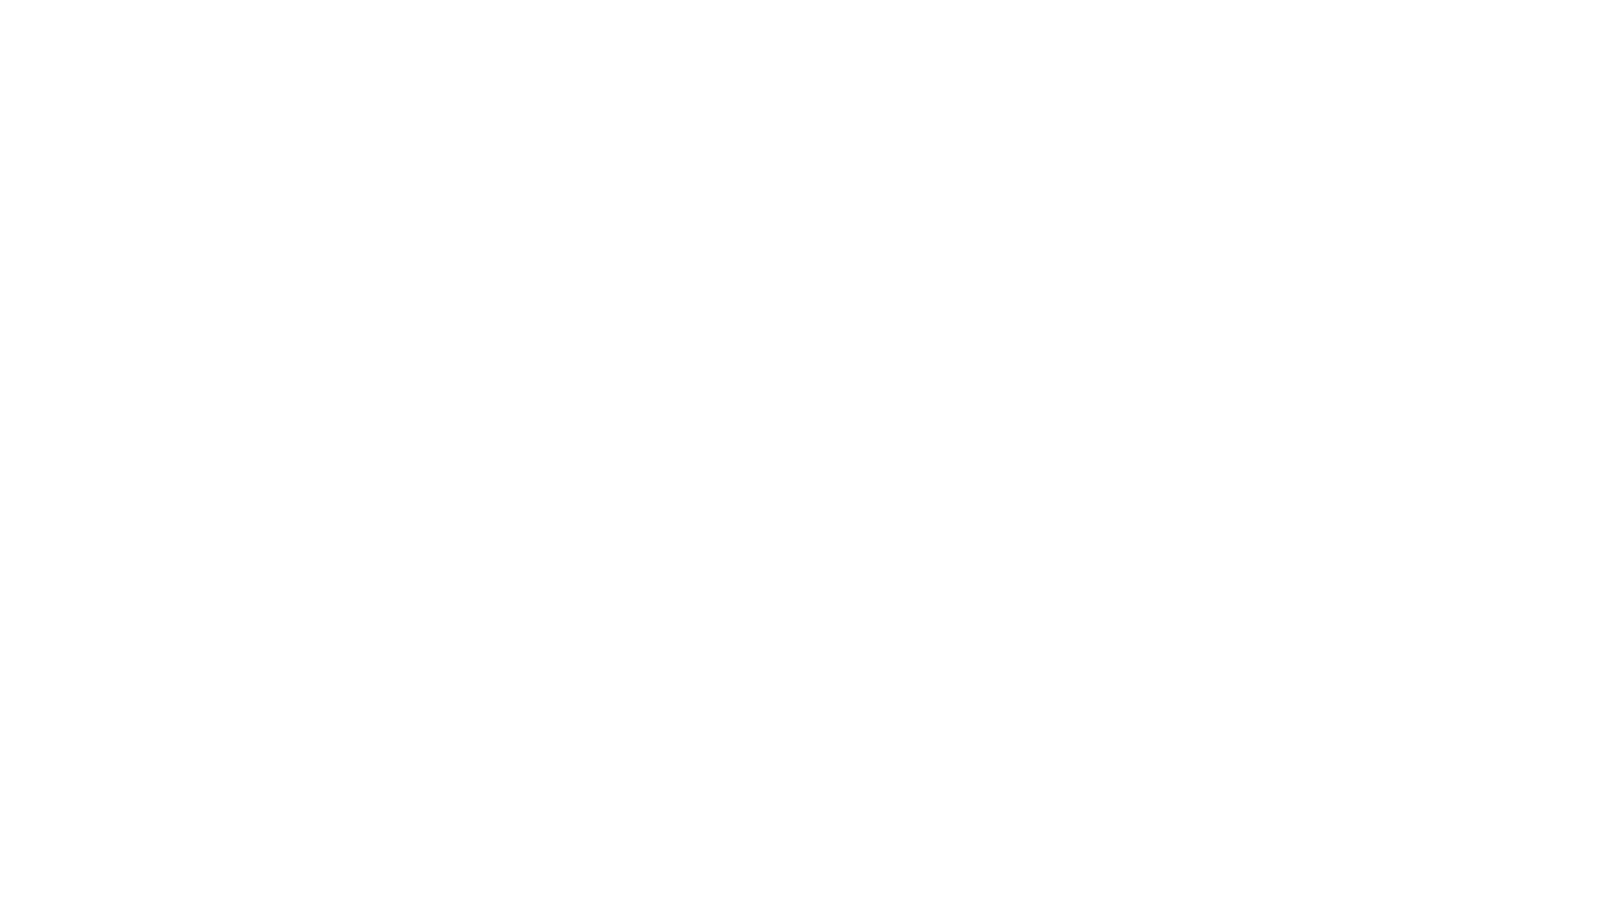 Um dos melhores construtores de site Drag and Drop, se não o melhor na minha opinião. O que vocês acham? Deixem aqui nos comentários a sua opinião. Qual é o melhor plugin de site builder para Wordpress?   Quero que vocês aprendam que de forma fácil, sem necessidade de download, instalar este excelente plugin em sua instalação Wordpress e com isso, faça de forma simples e barata seu website ou landing page.  Link para o vídeo de instalação do Wordpress: https://www.youtube.com/watch?v=FGd9udnRhs8&t  Ainda não conhece nossos planos de hospedagem? Acesse: https://brasilwebhost.com.br